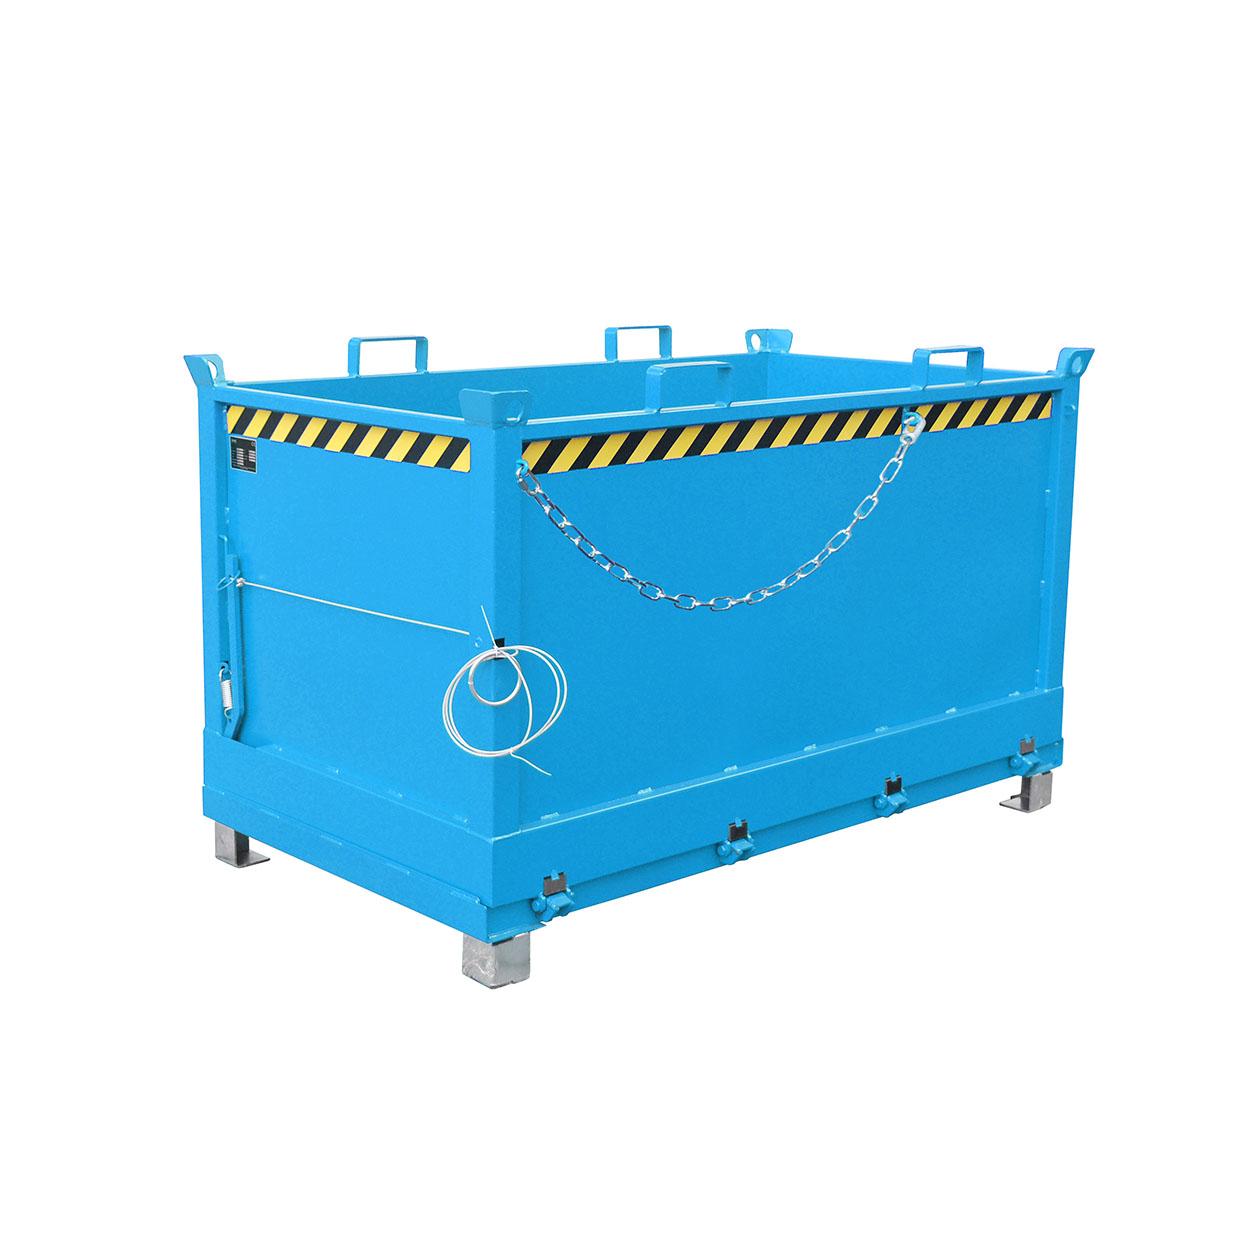 Stohovatelný kontejner s vyklápěcím dnem